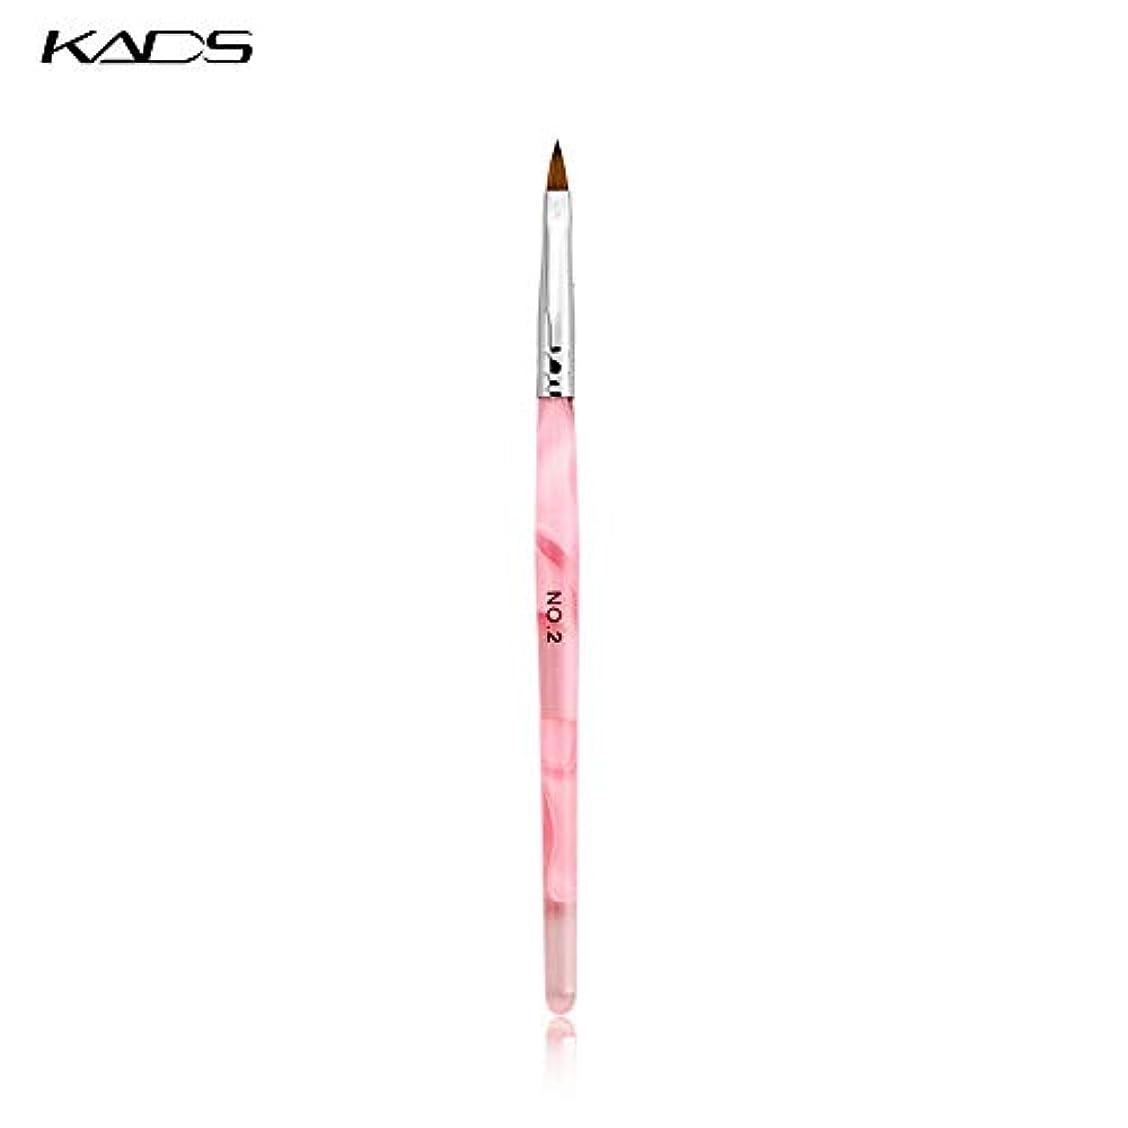 ぞっとするような哀接続KADS アクリルネイルブラシ1本2# コリンスキー製ネイル筆 ネイルアート用品 ネイル描写ペン(2#)